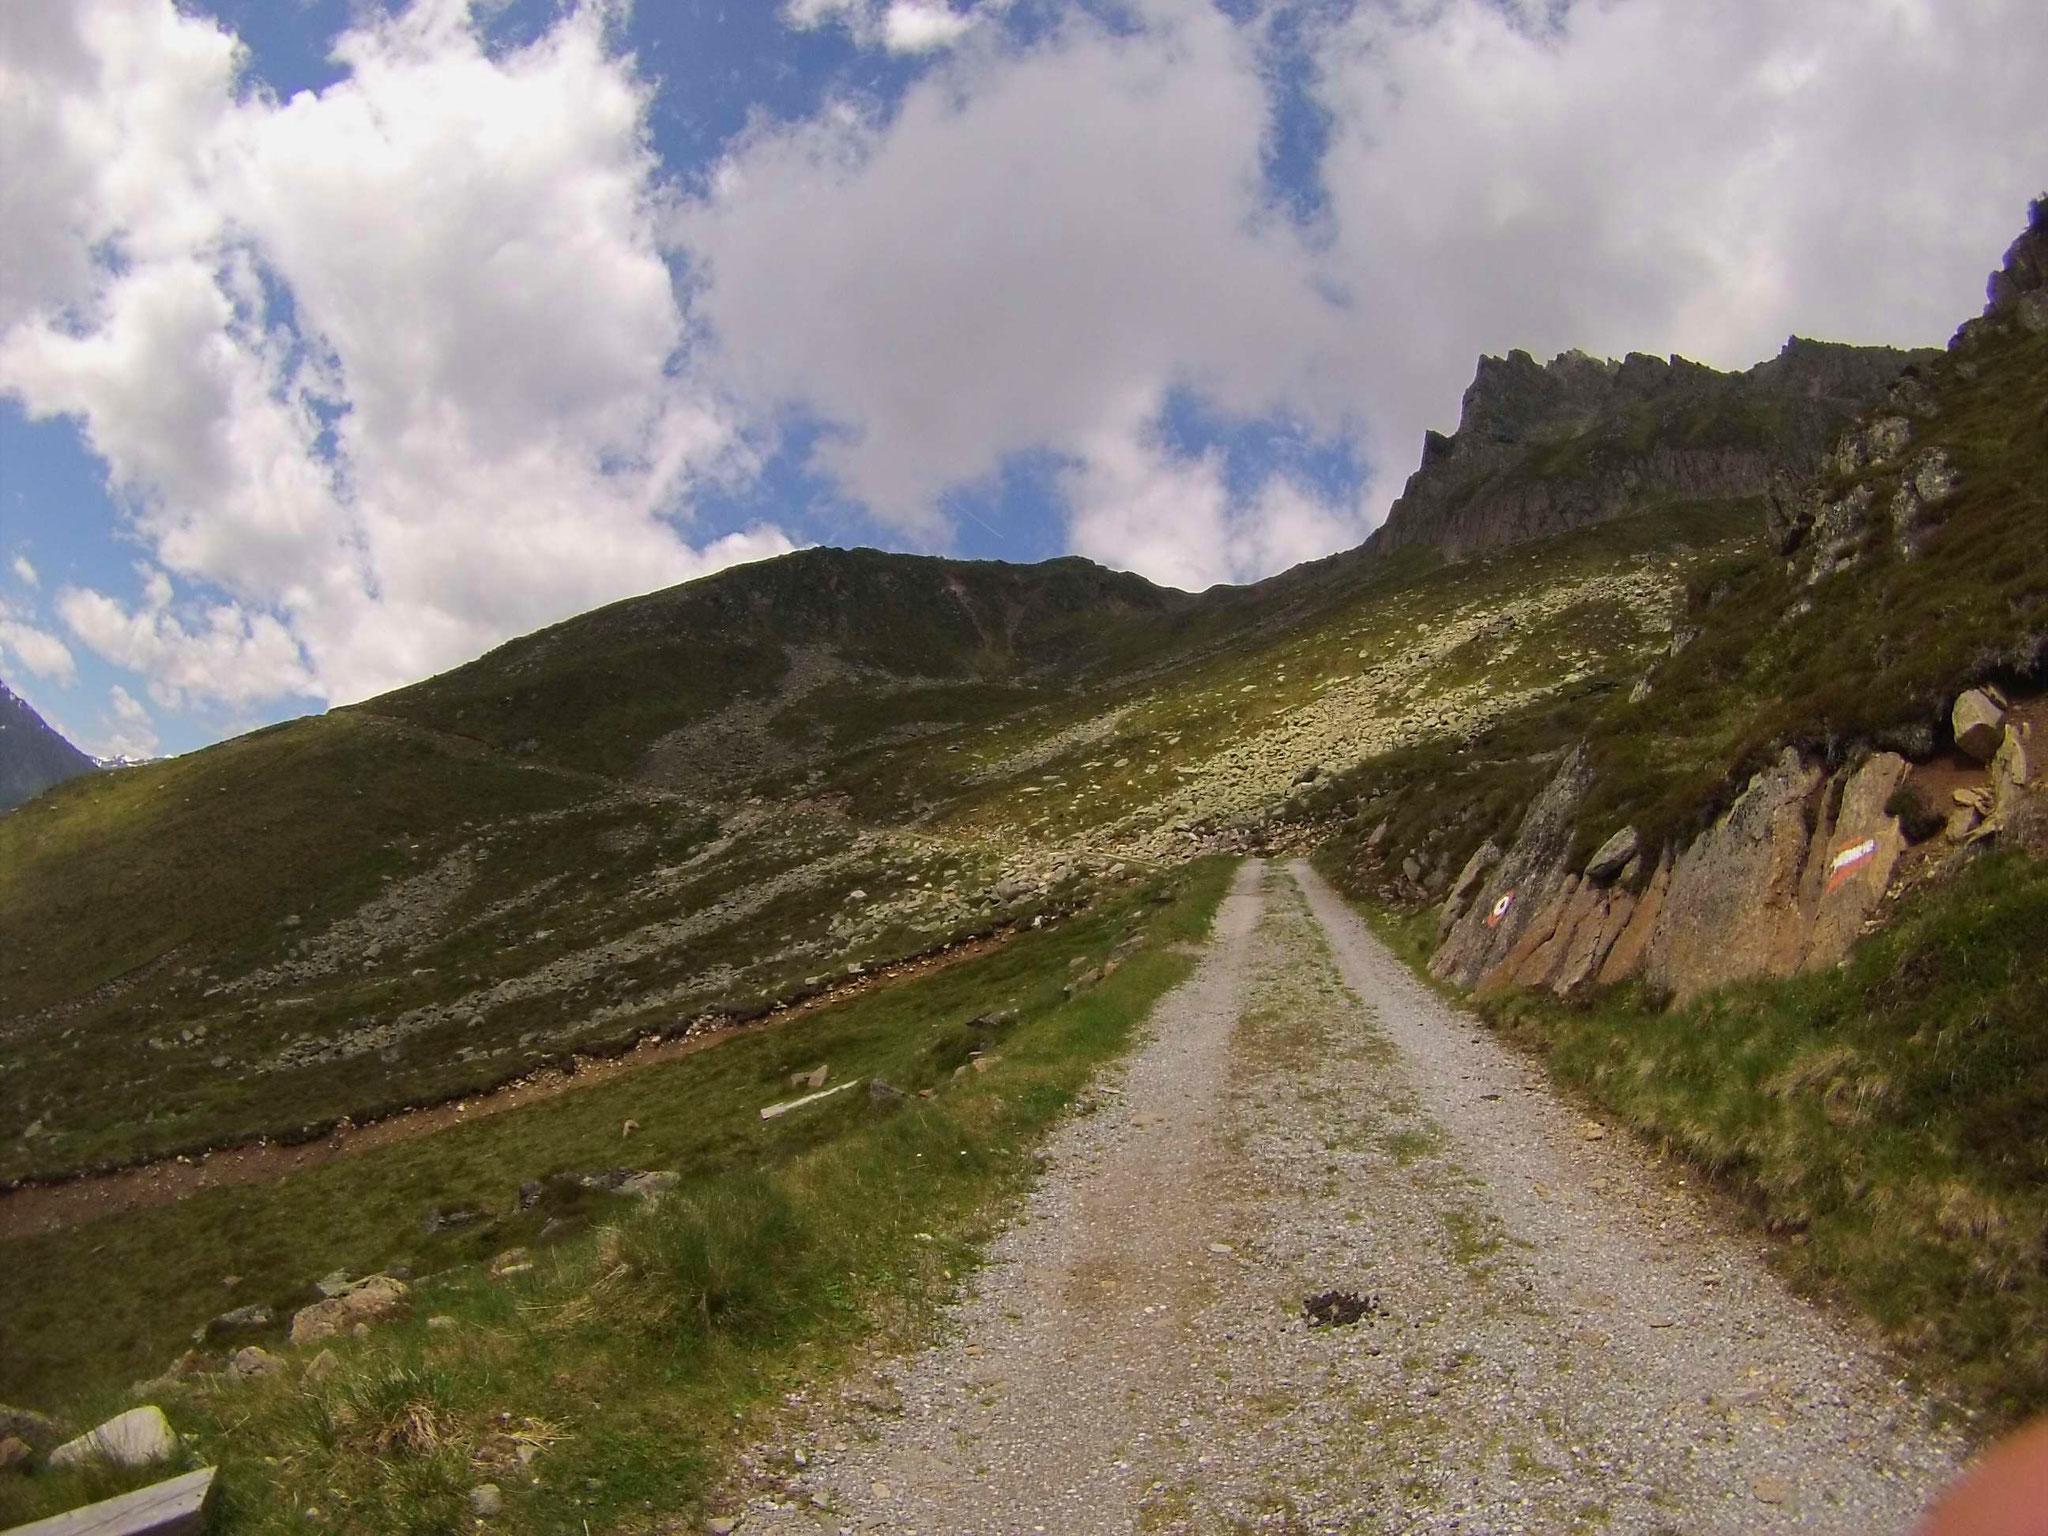 ...und der Weg führt vorbei an der Kreuzung mit dem Wanderweg, der am Ende unsere Tour abschließen wird.